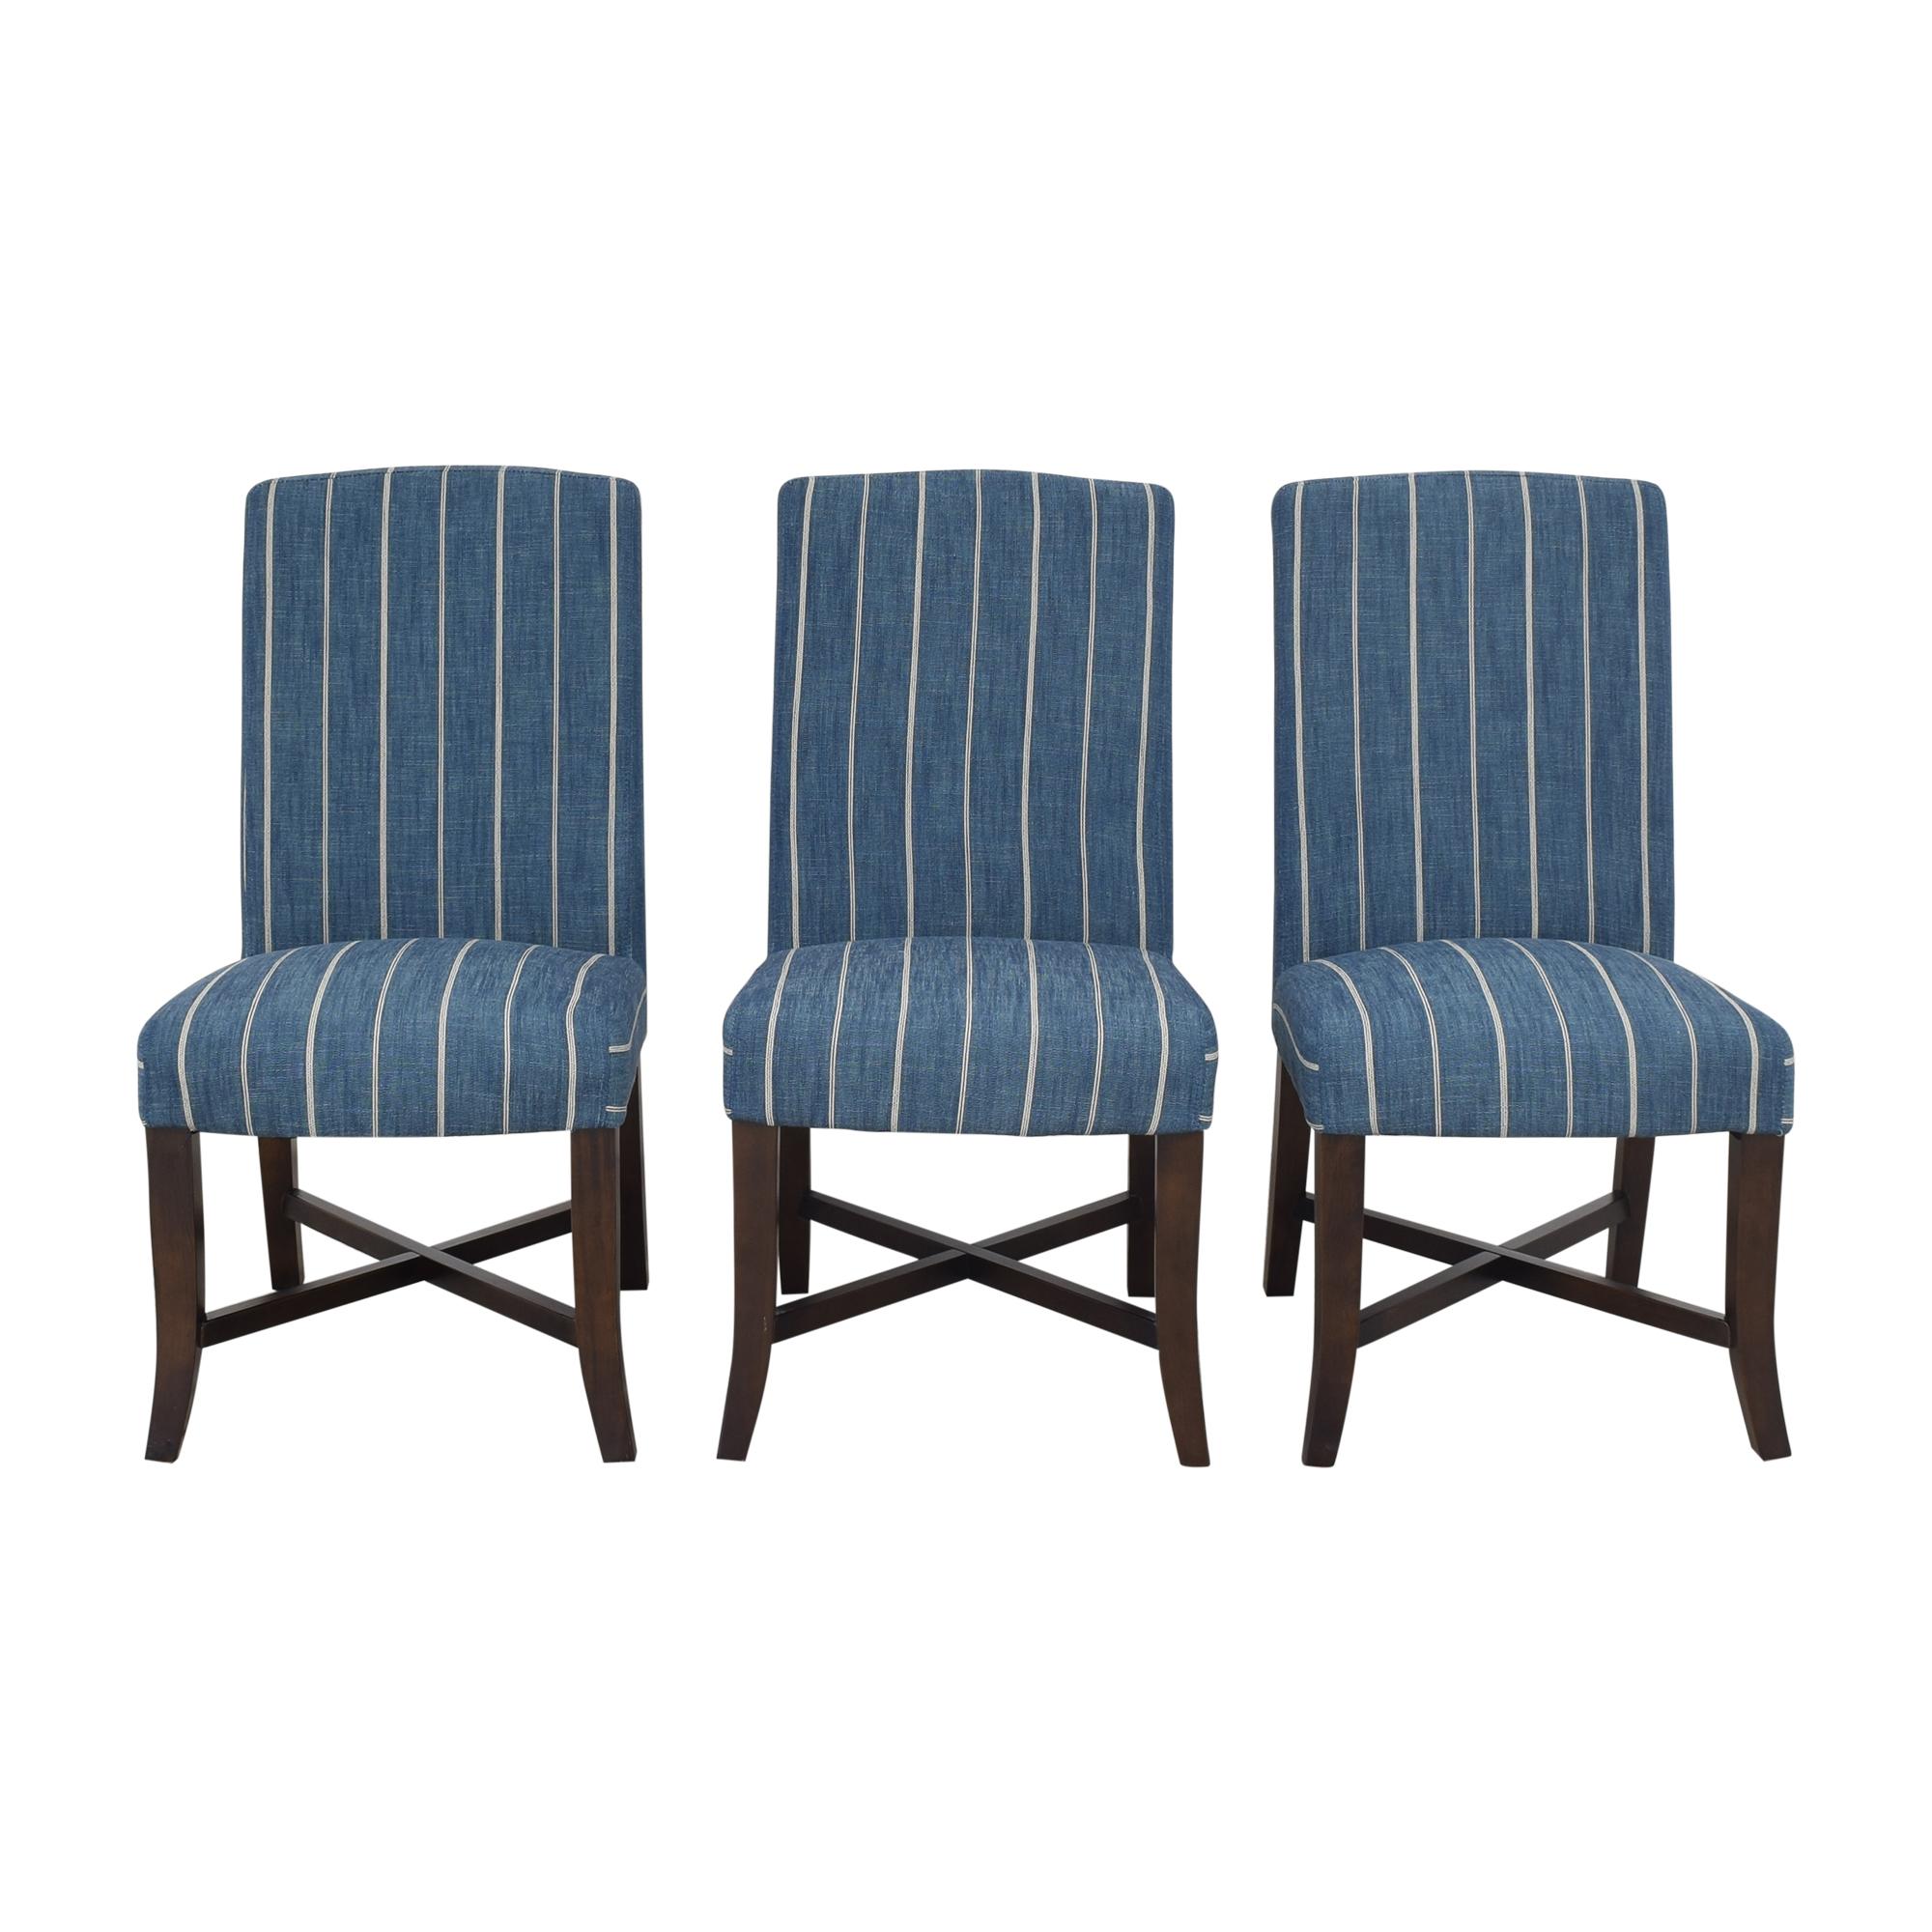 Alder & Tweed Alder & Tweed Mercer Dining Chairs nj